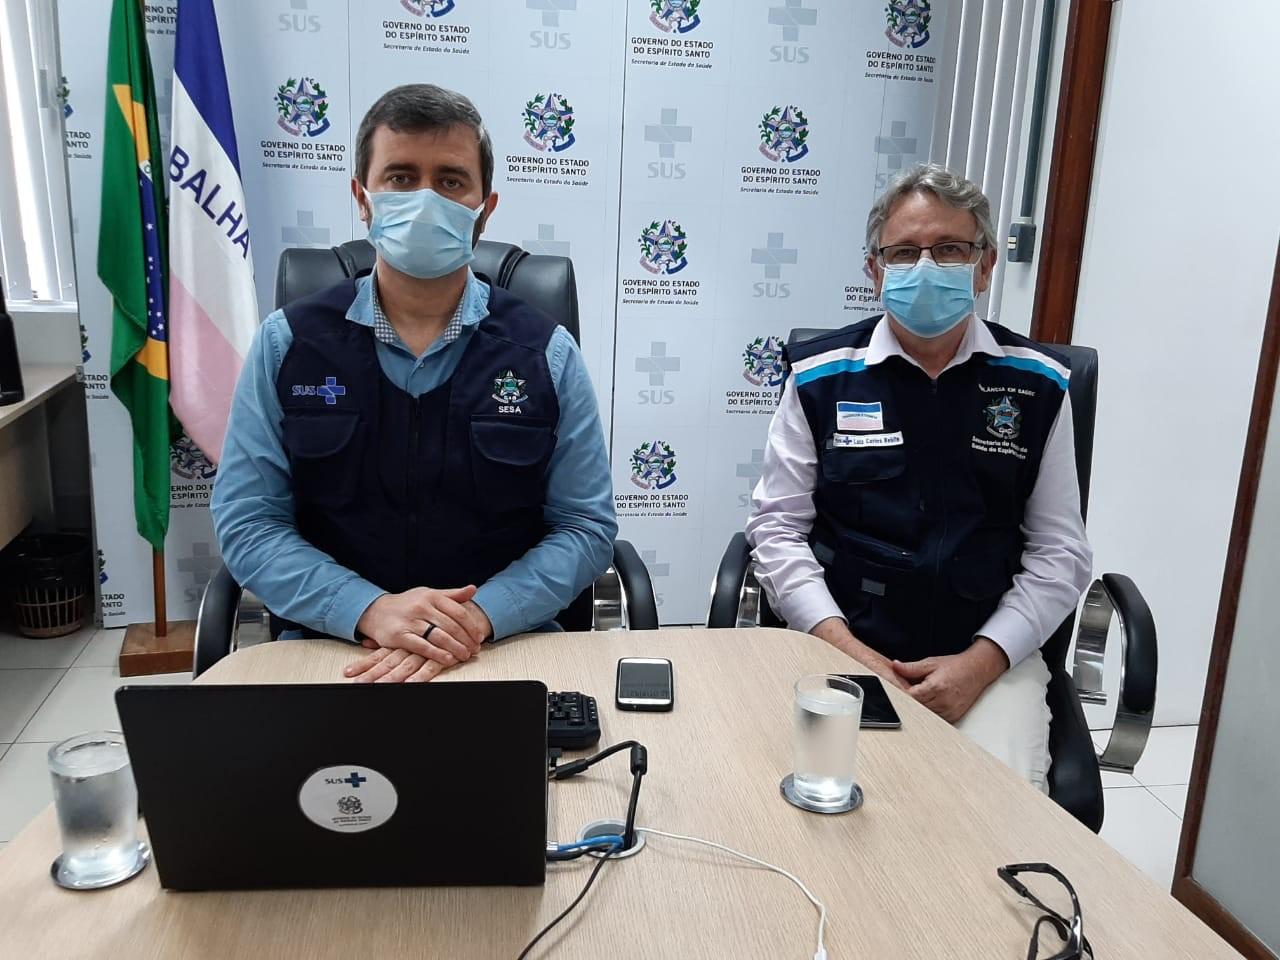 Secretário de Saúde prevê abertura de mais de 100 leitos de UTI para Covid-19 no ES